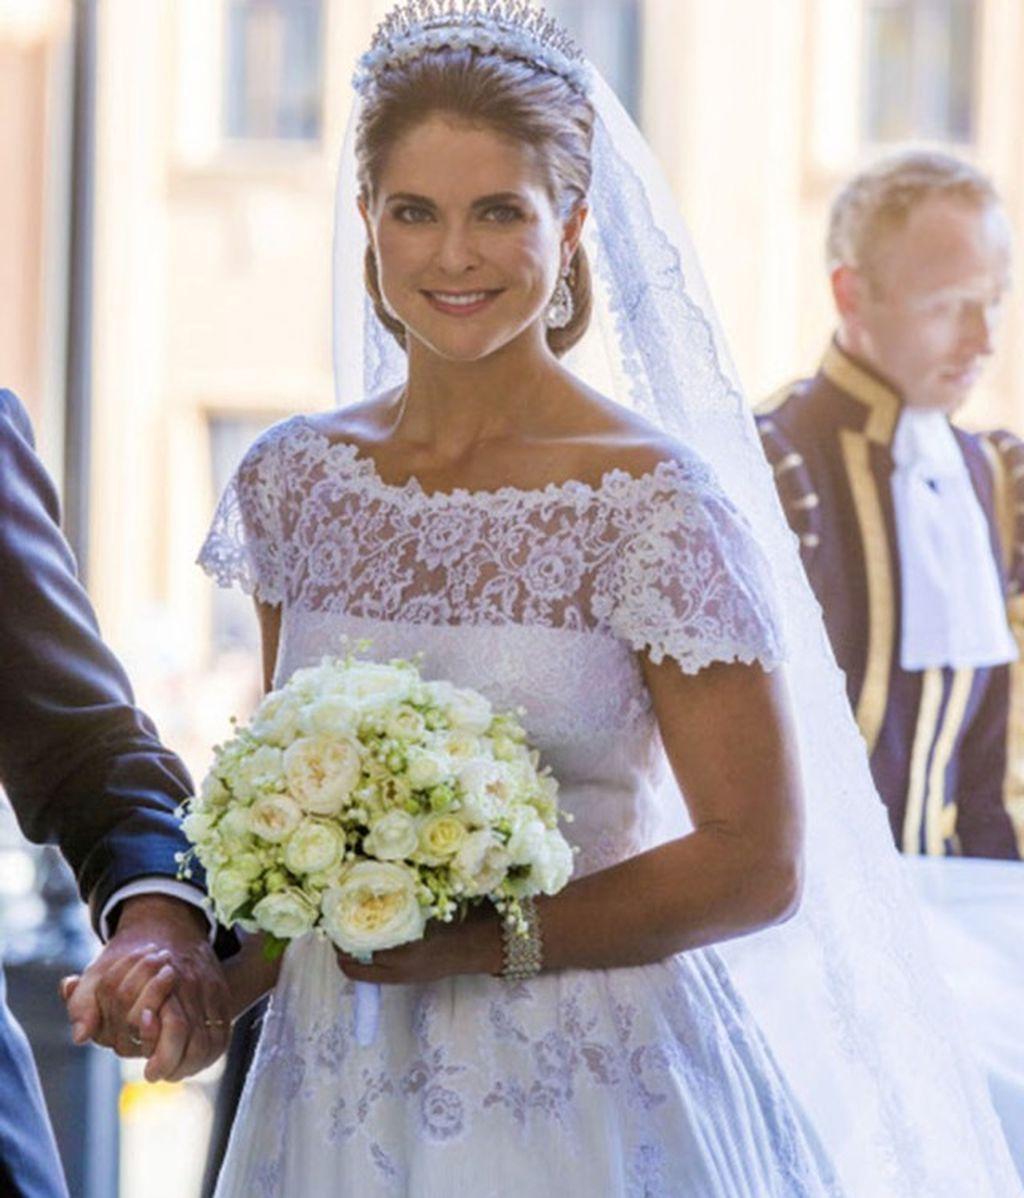 La corona de flores, el accesorio de moda en bodas: cinco famosas, cinco estilos